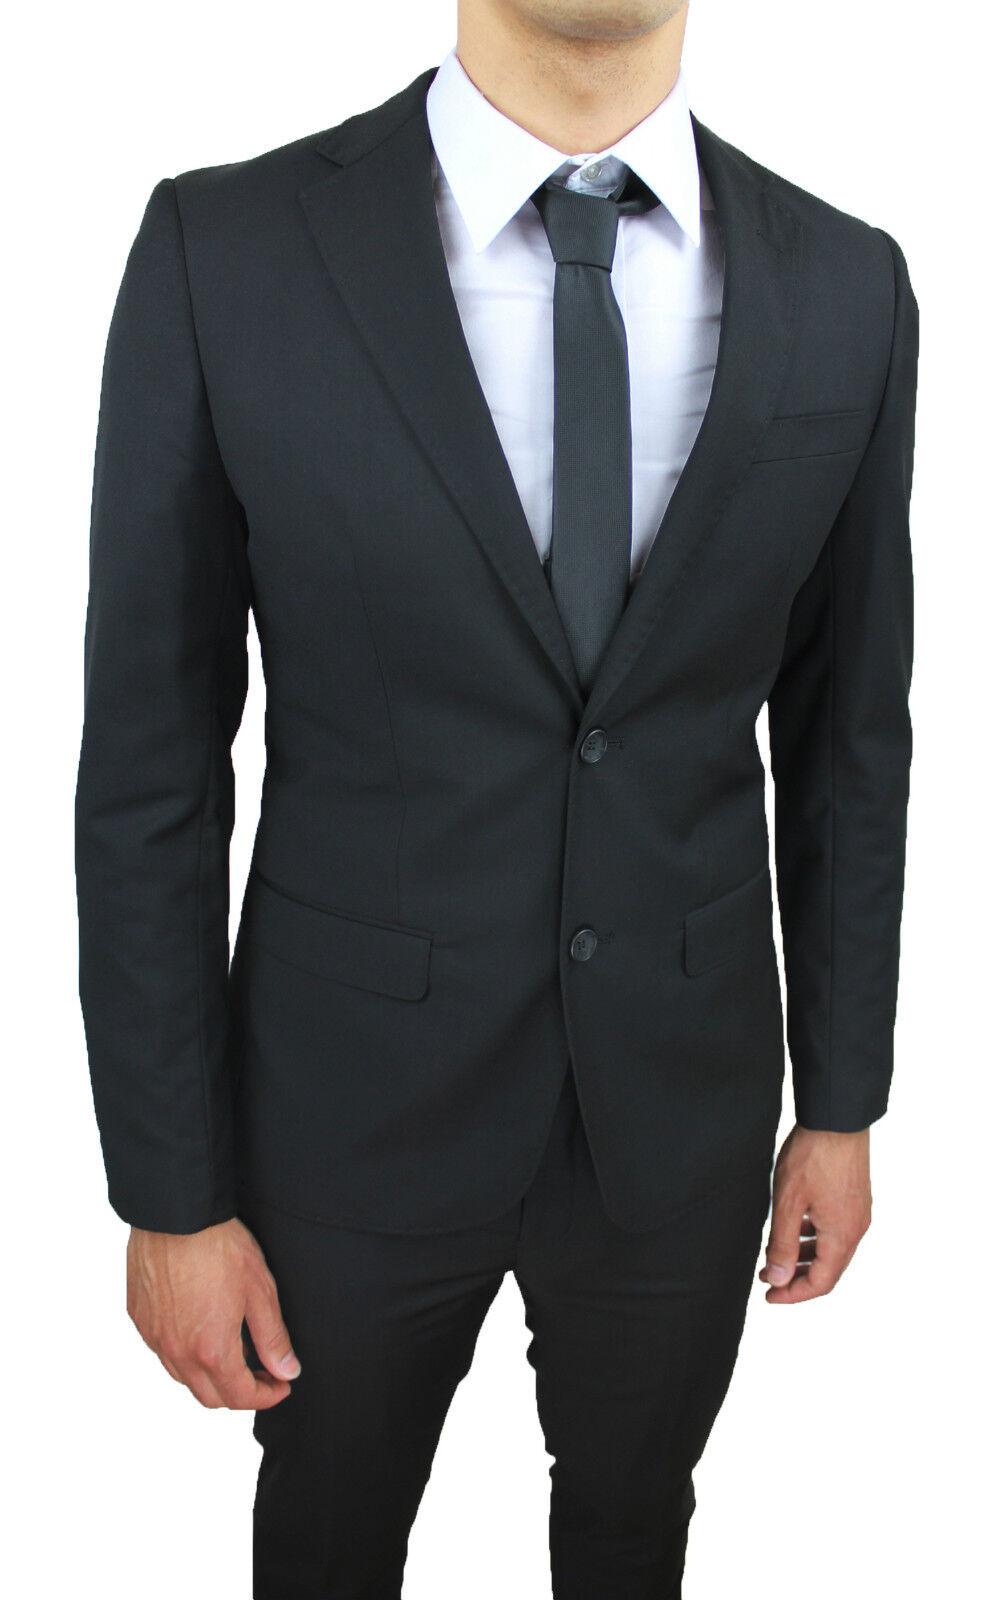 Kleid komplette Mann sartoriale schwarz slim fit elegante Zeremonie da 42 a 60   | Erste Klasse in seiner Klasse  | Deutschland  | Angenehmes Aussehen